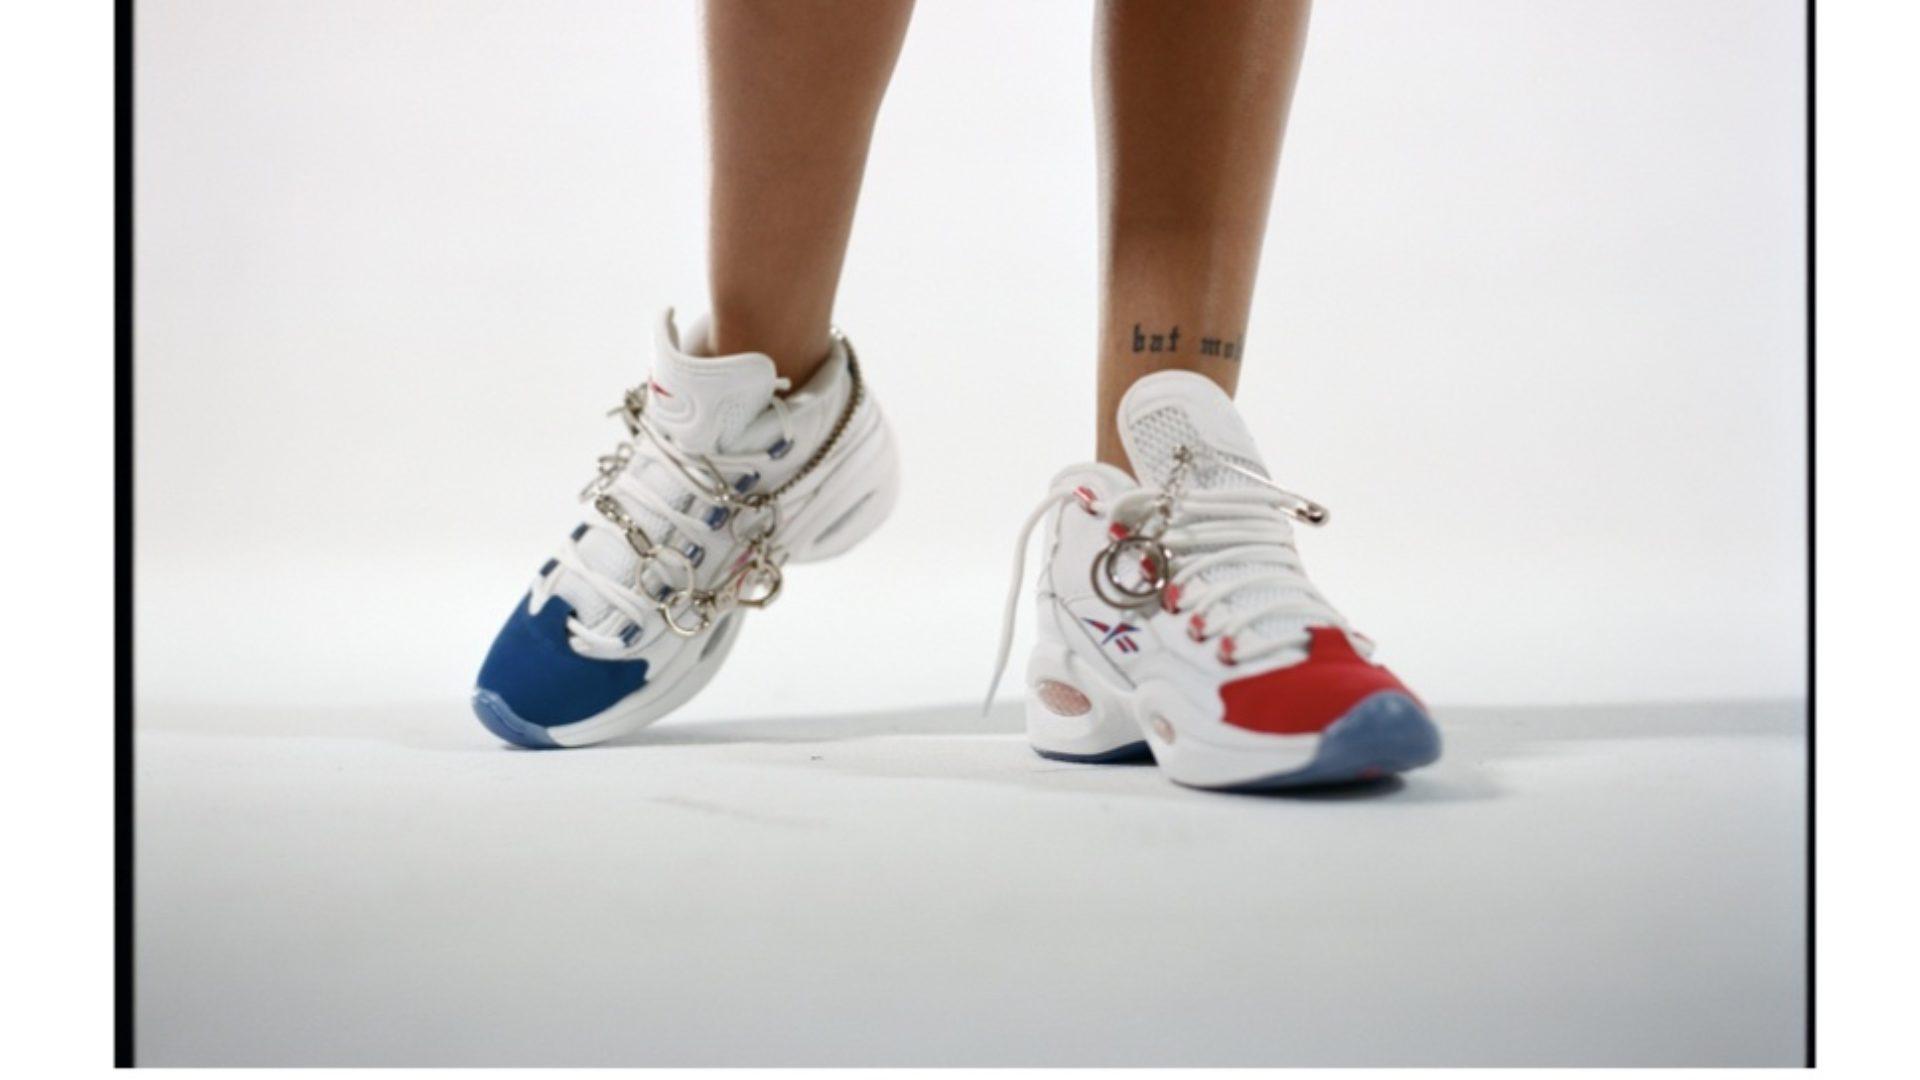 Mid Double Cross Shoe Release